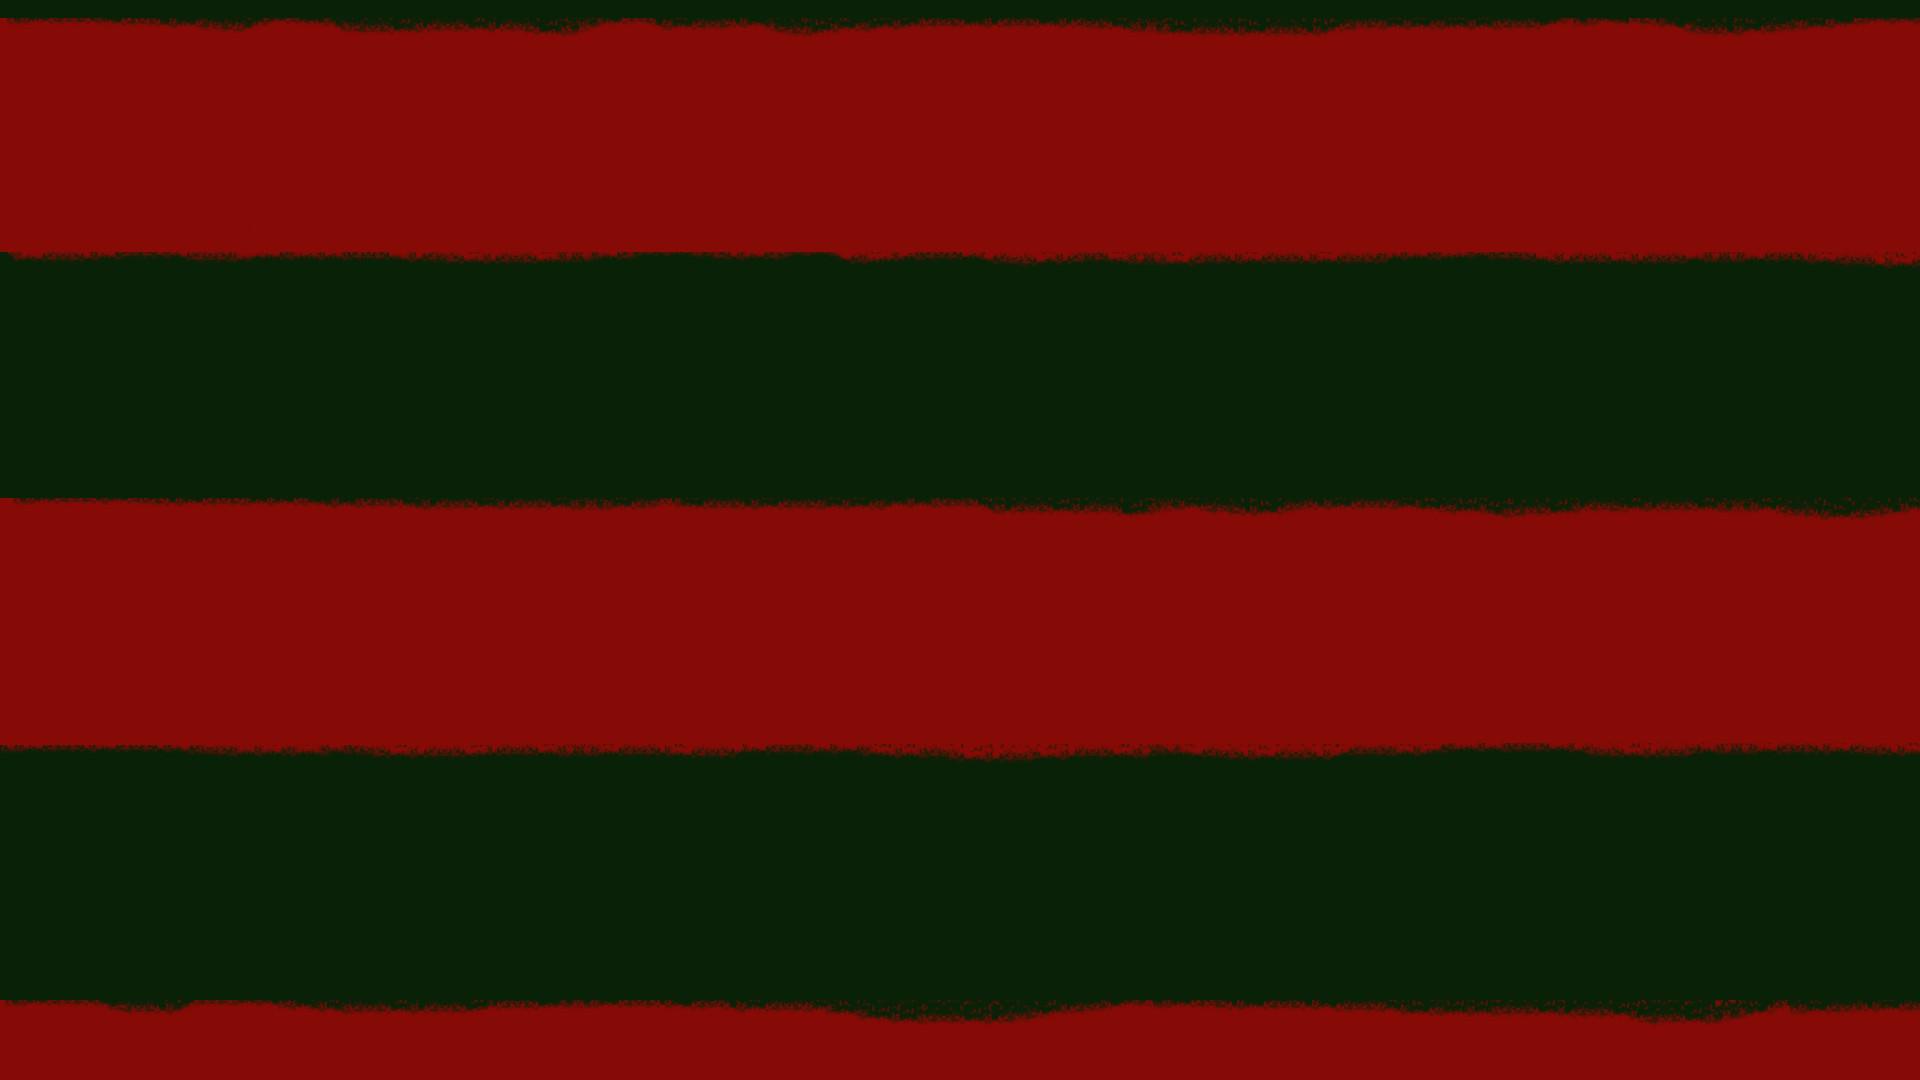 Freddy Krueger Wallpaper Wallpapers – Free Freddy Krueger .